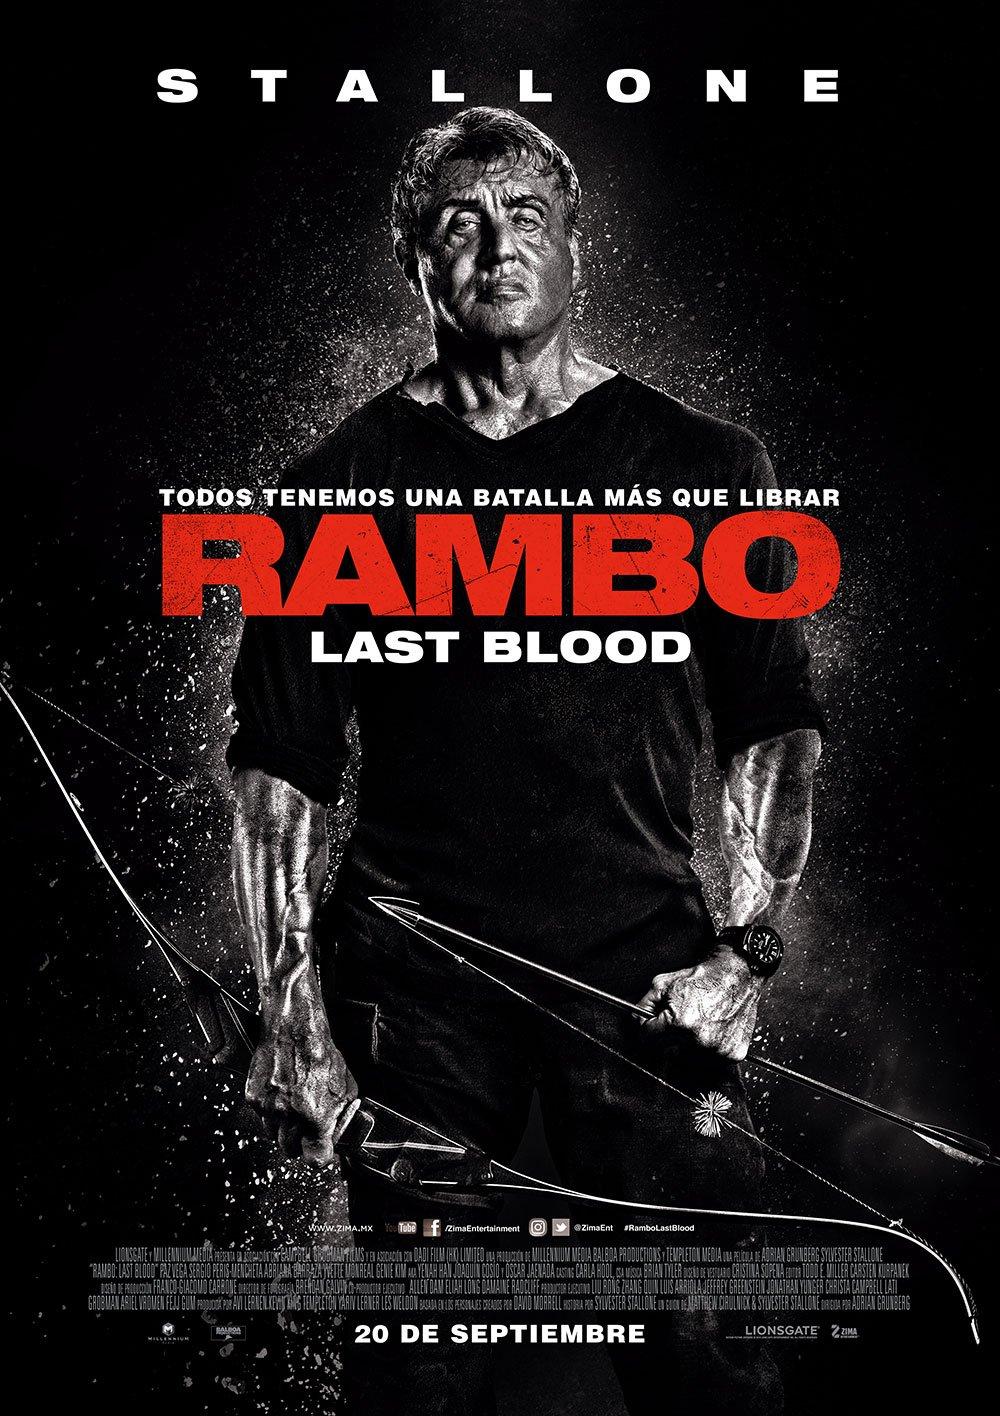 Póster de Rambo: Last Blood (2019). Imagen: Cinépolis Twitter (@Cinepolis).